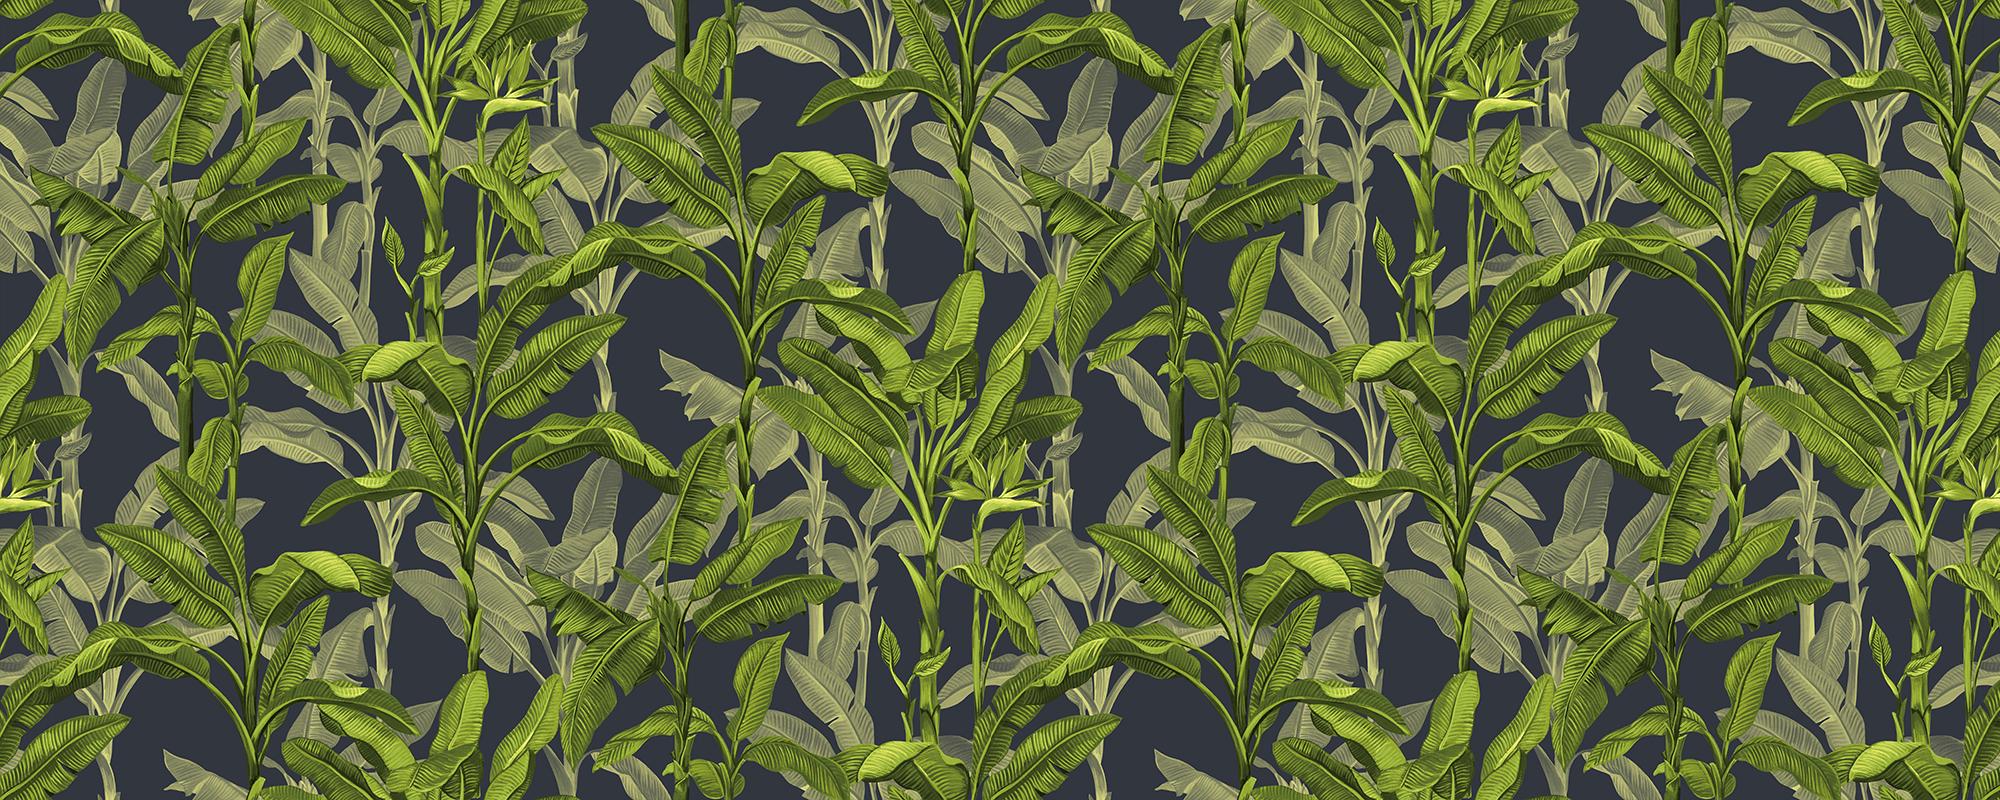 Papier peint feuilles de palmier vertes